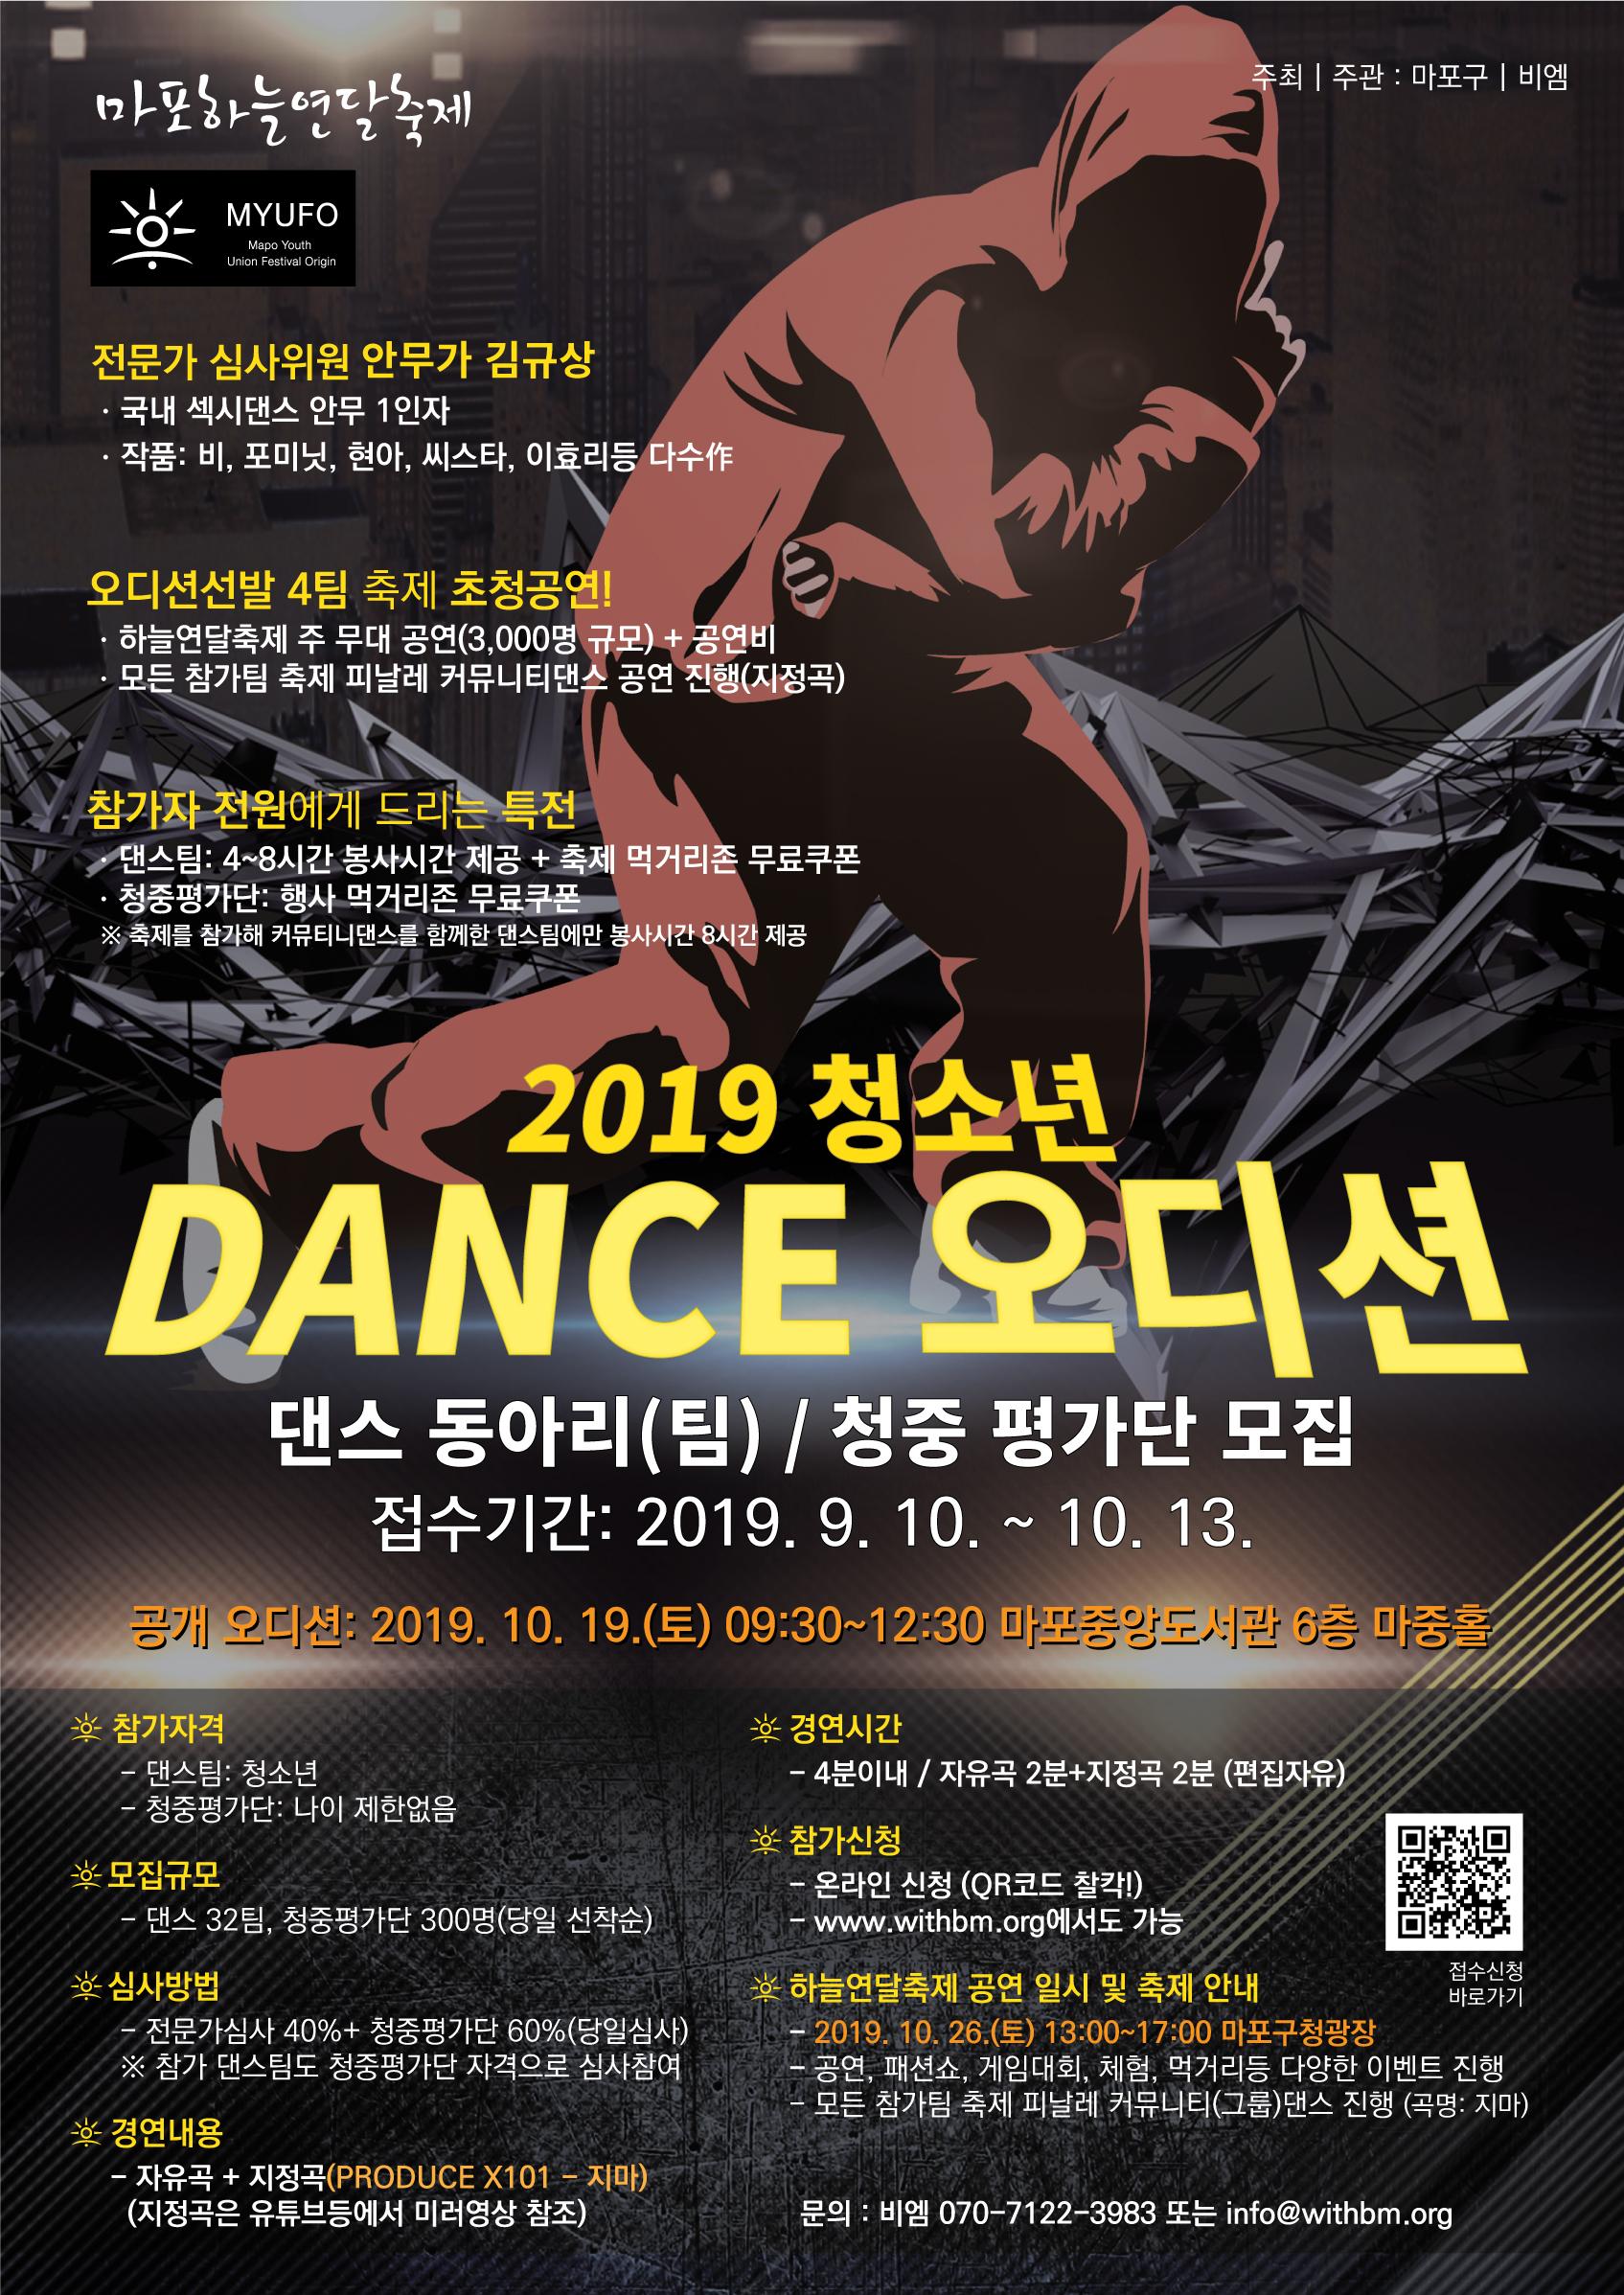 2019 마포하늘연달 축제 댄스오디션 댄스팀, 청중평가단 모집